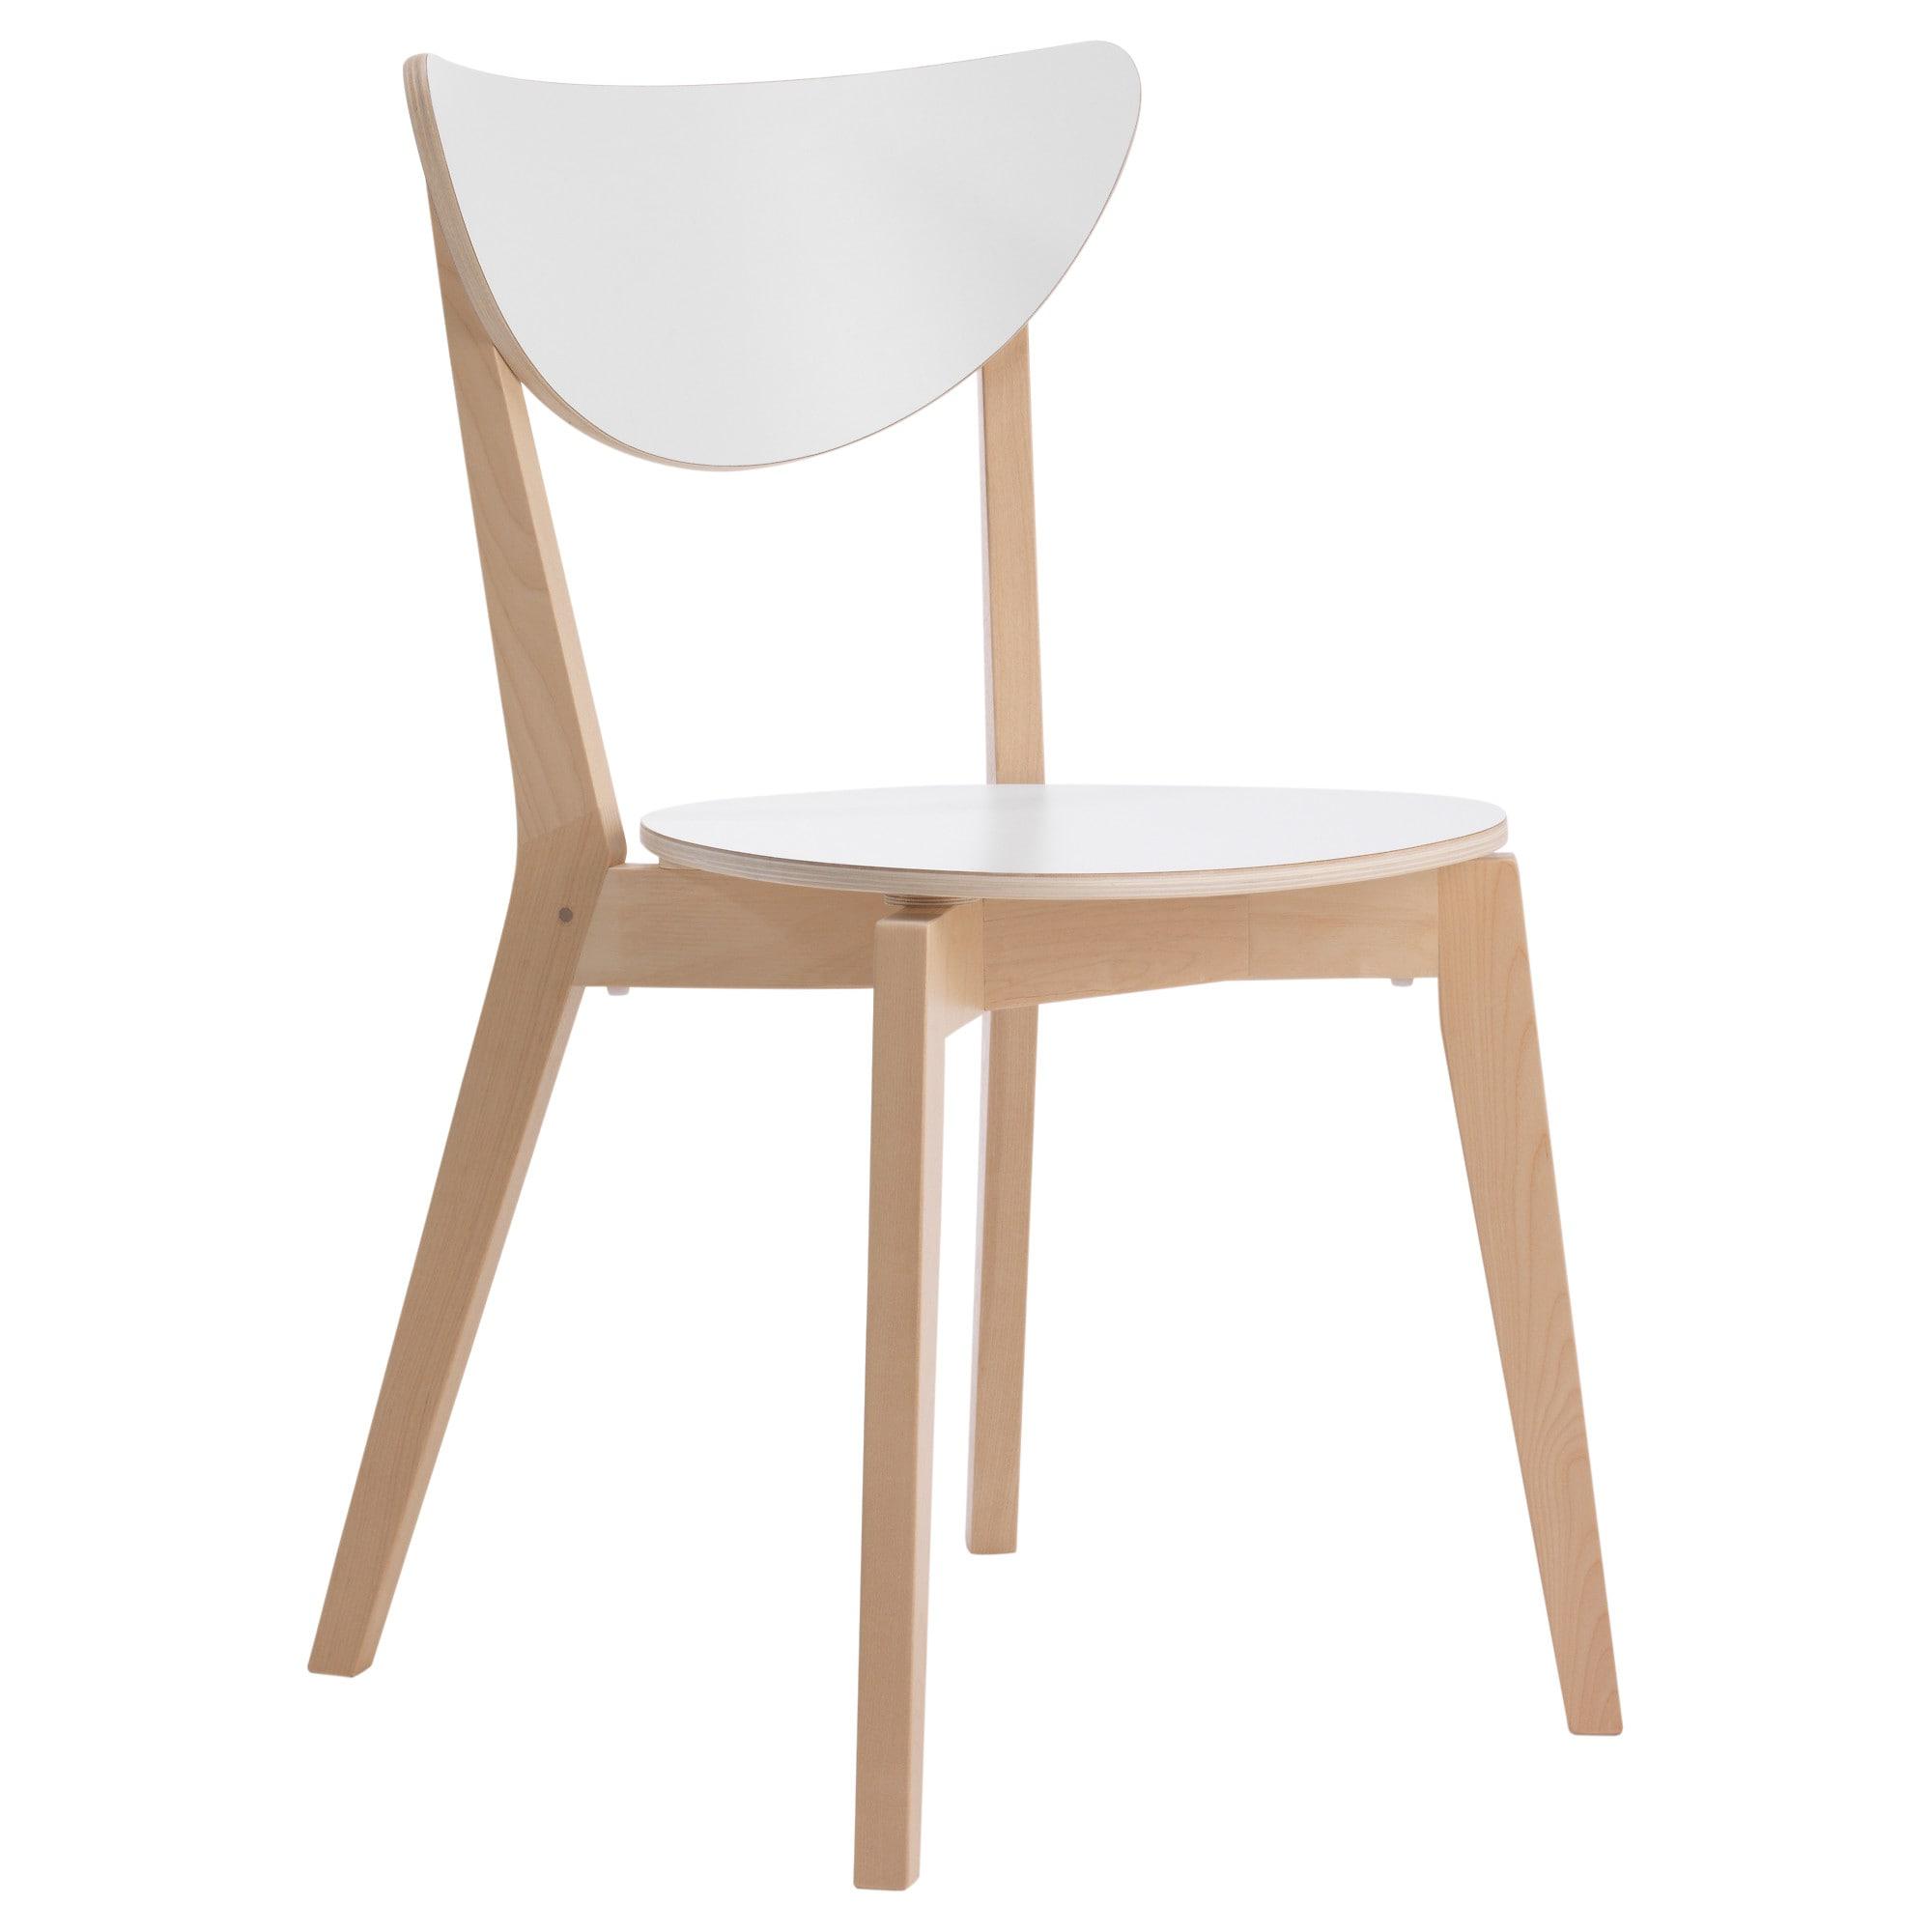 Sillas Ikea Comedor Gdd0 Sillas De Edor Salà N Y Cocina Pra Online Ikea